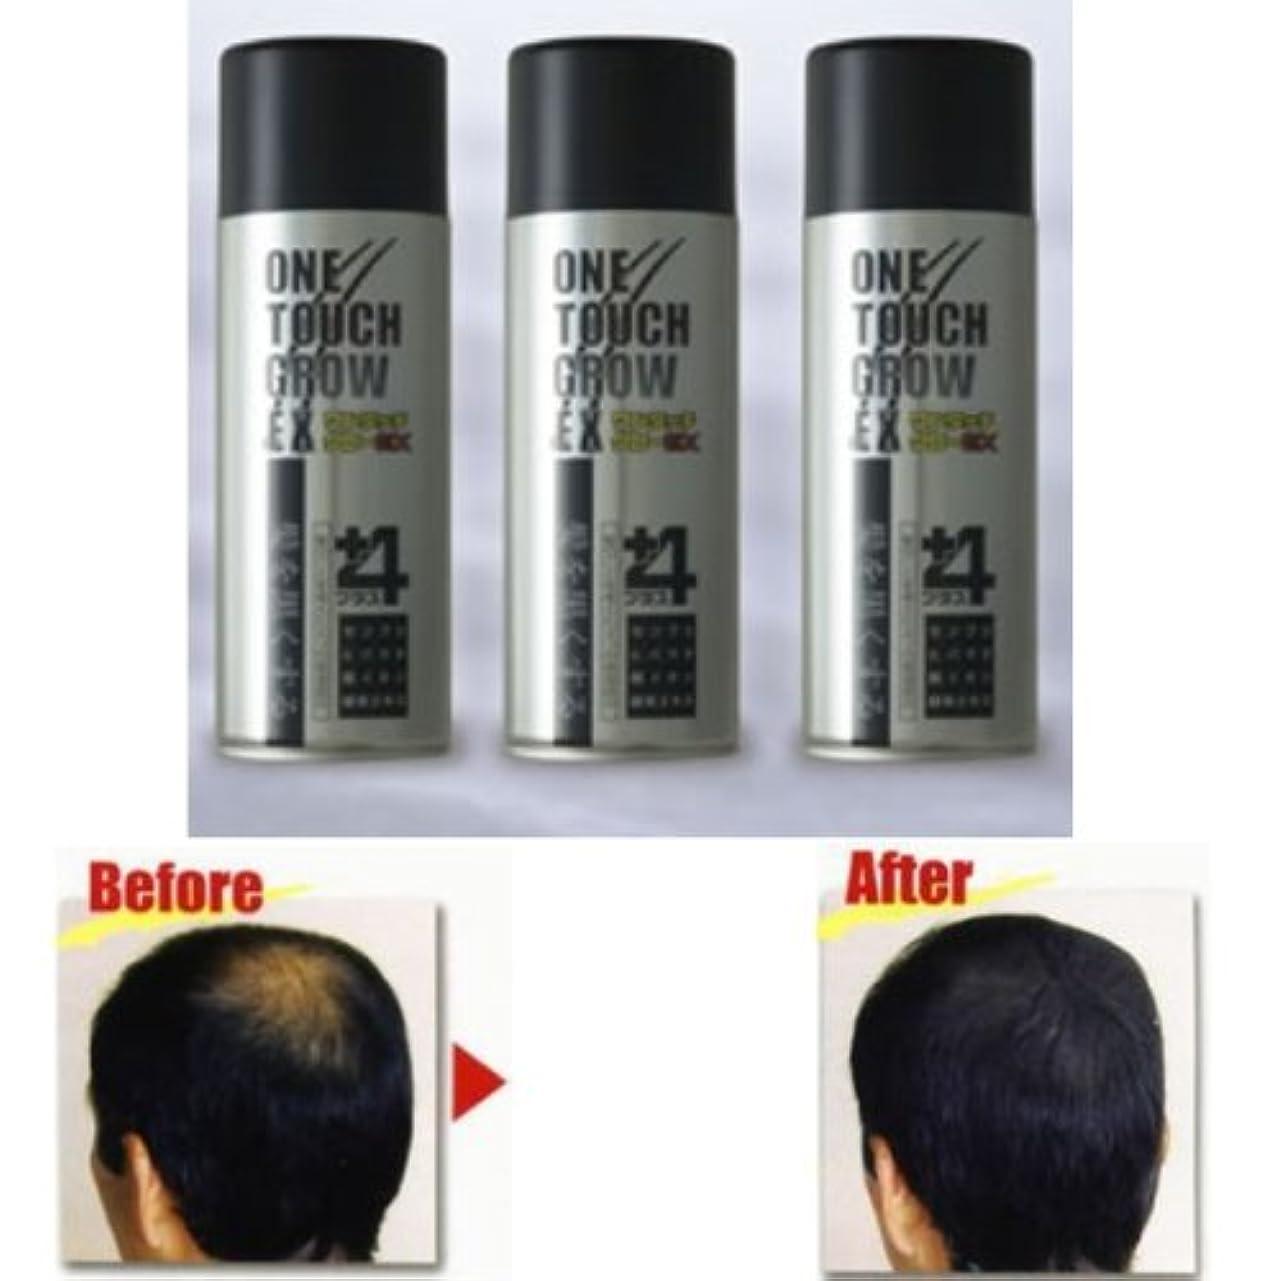 達成する征服者用量3本セット髪を黒くする瞬間増毛スプレ-ワンタッチグローEX